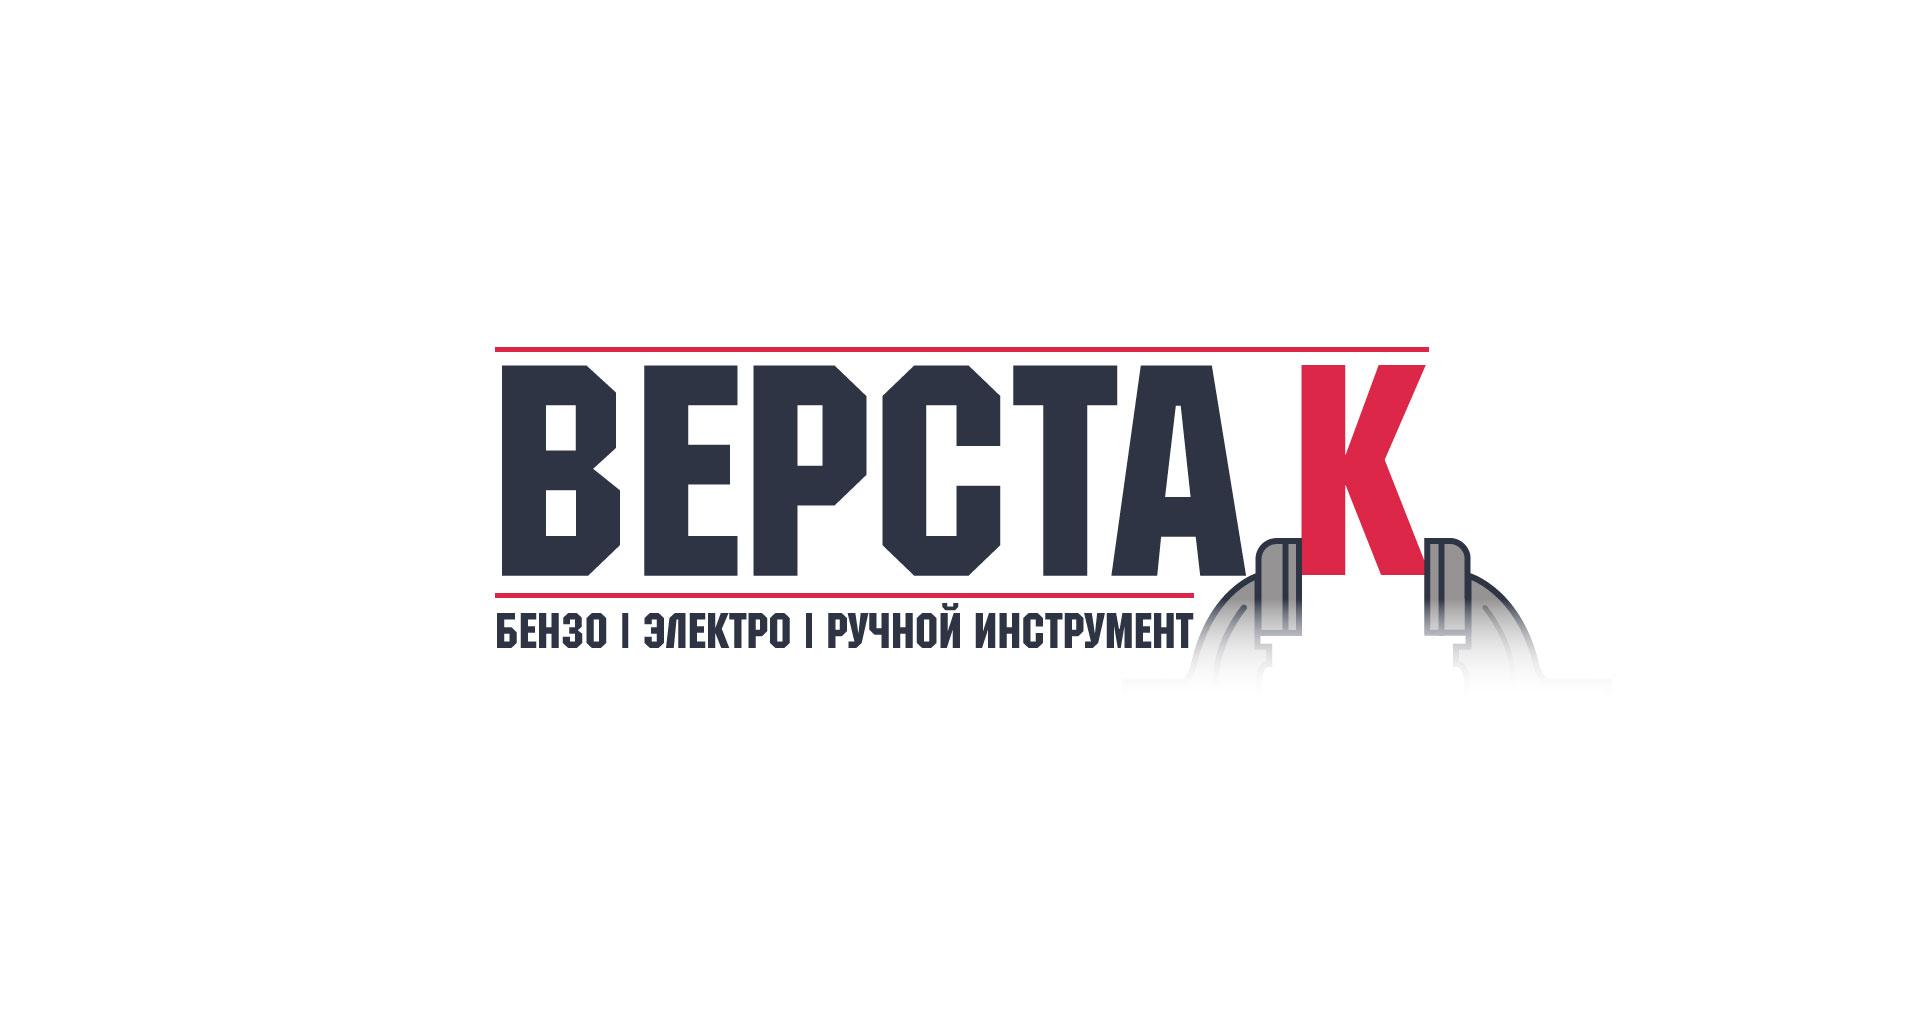 Логотип магазина бензо, электро, ручного инструмента фото f_2235a0c98ae0a544.jpg